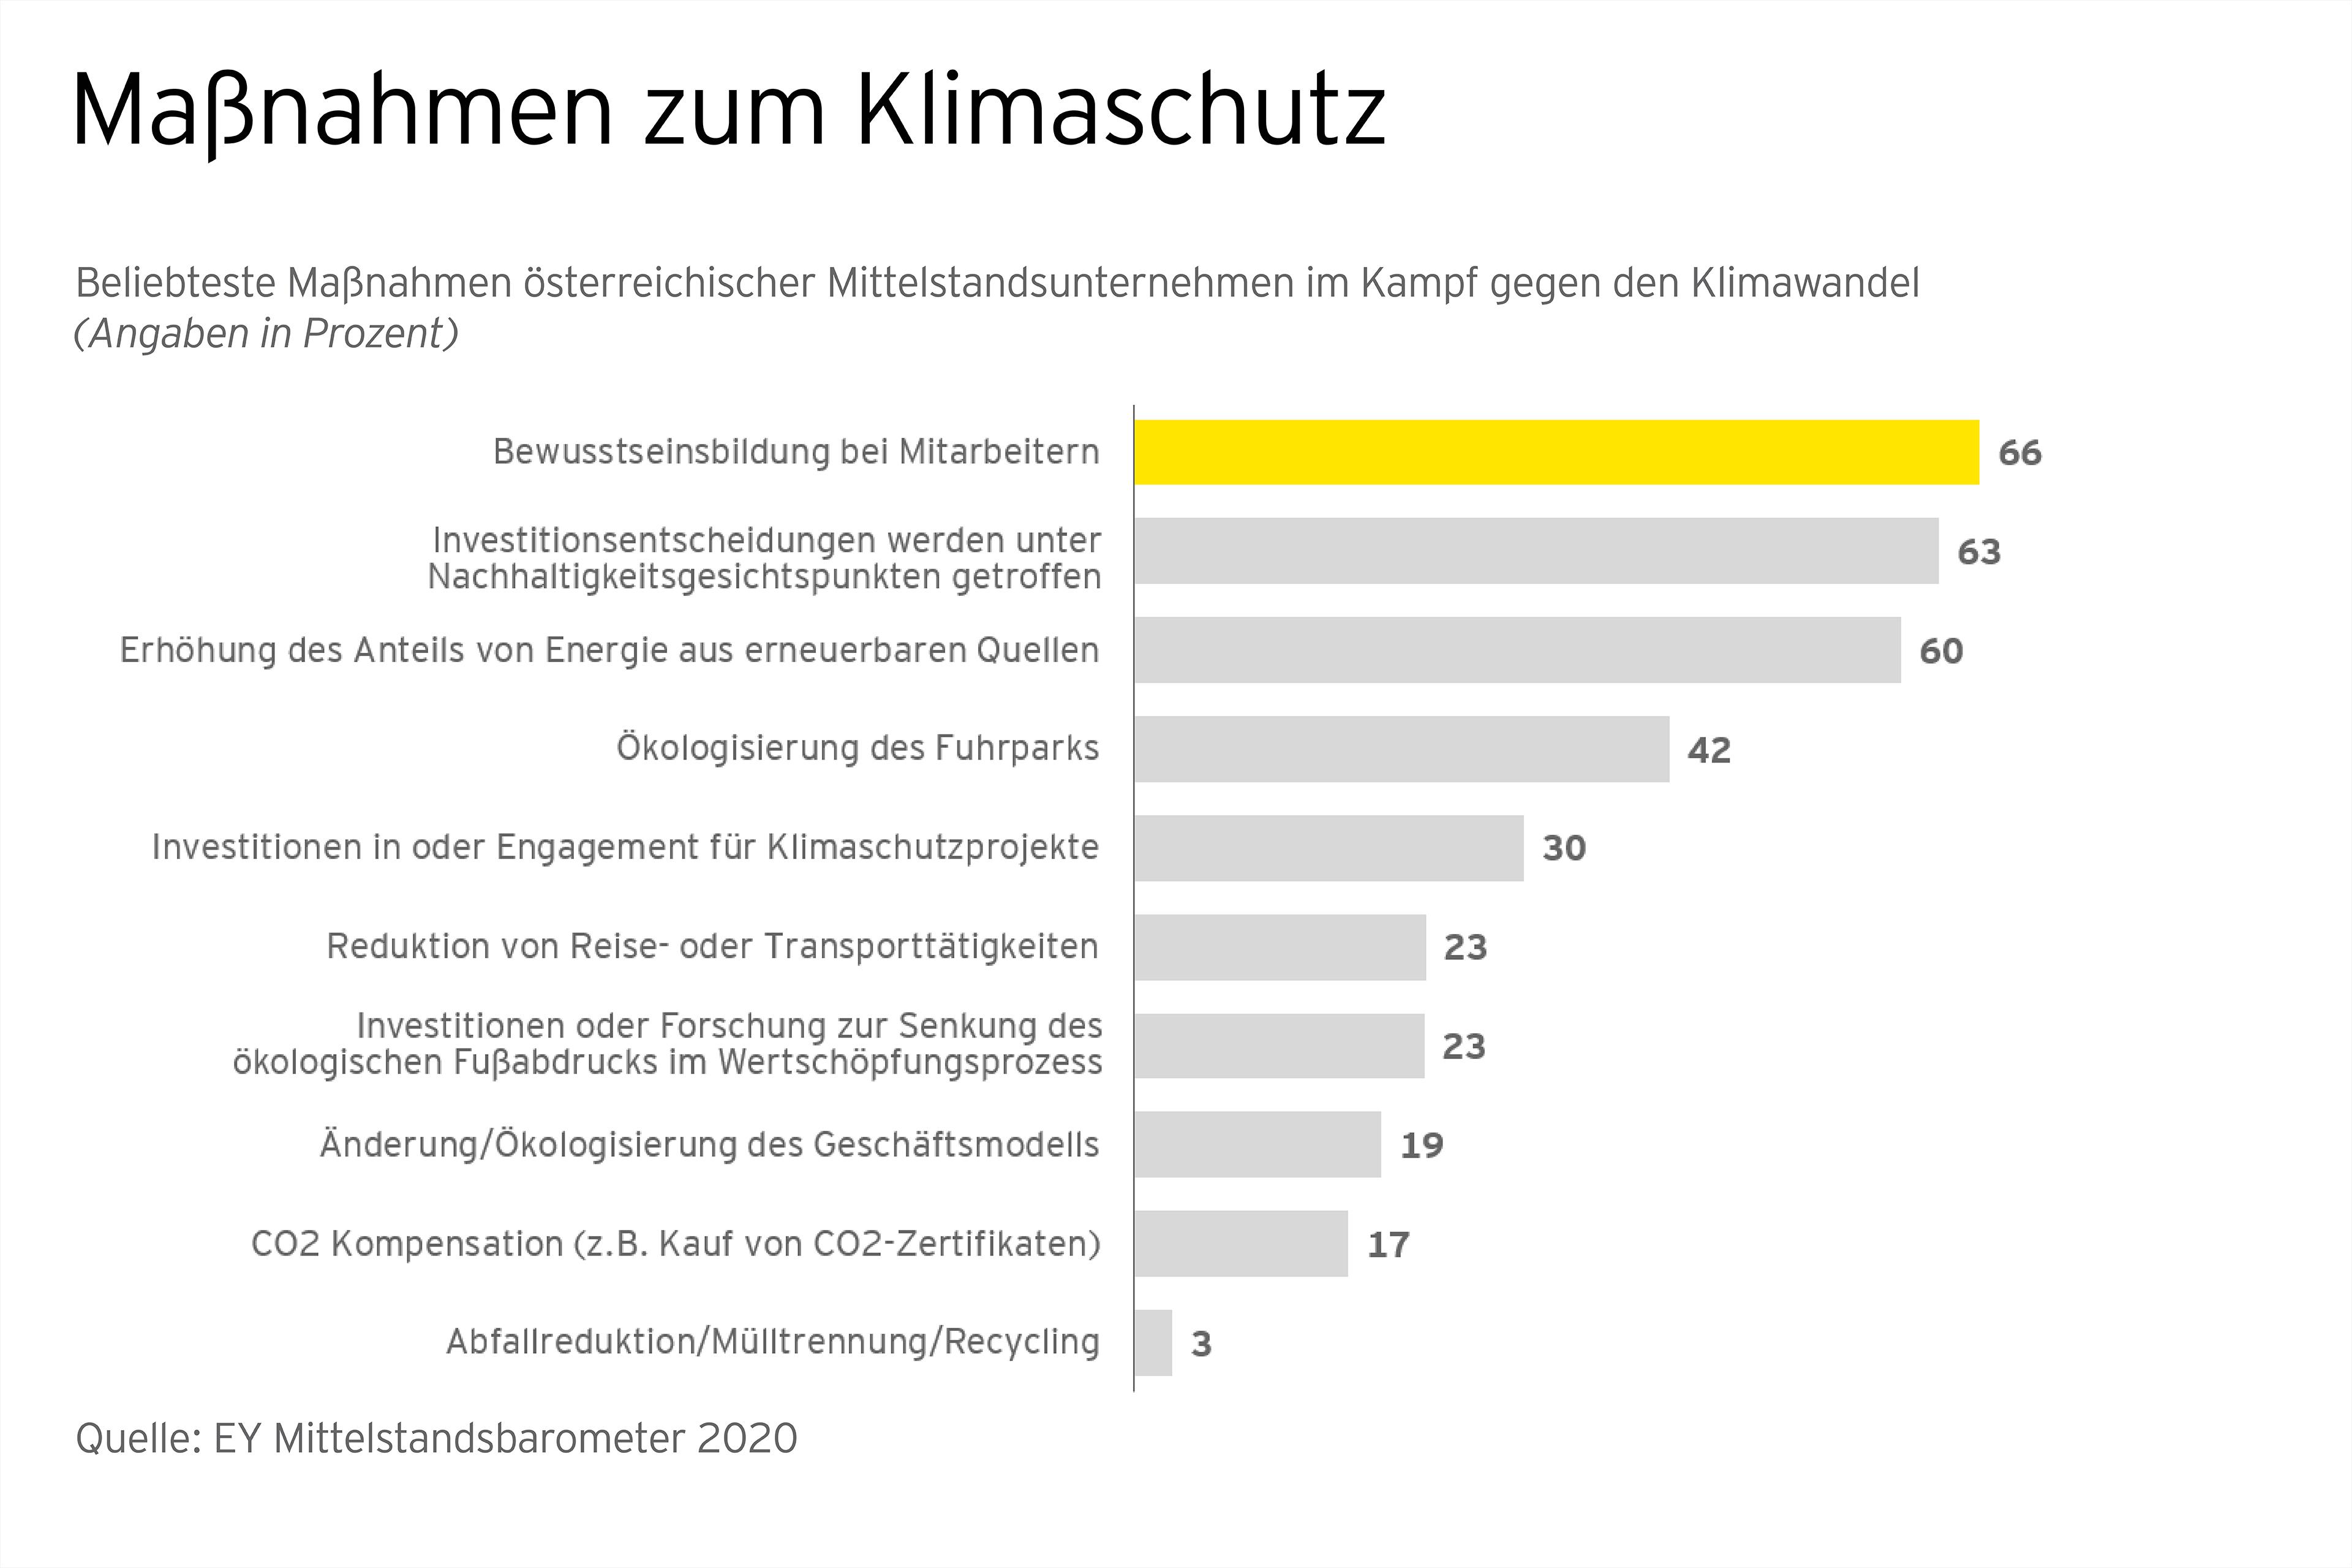 EY Mittelstandsbarometer 2020